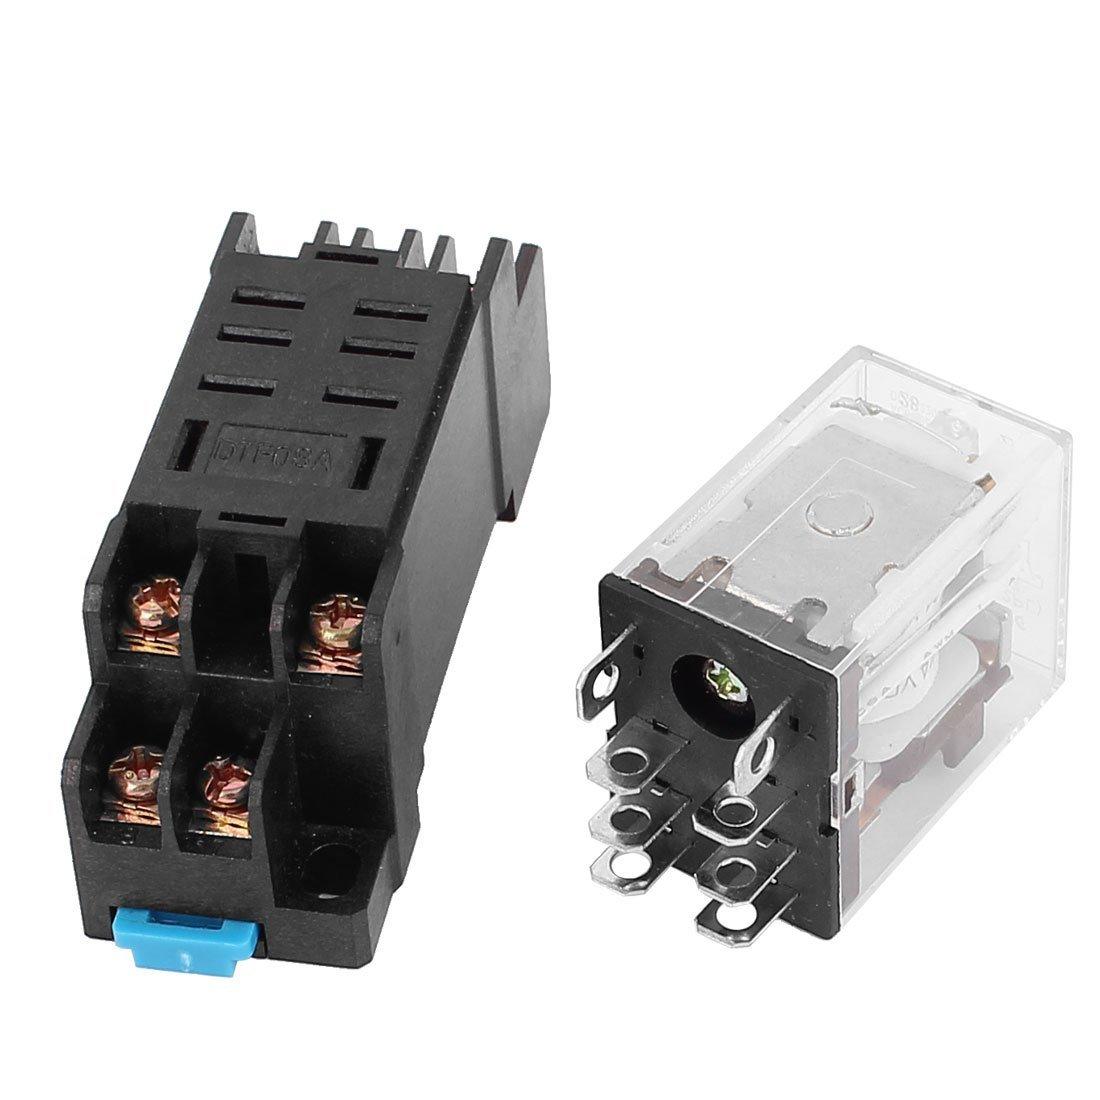 Deal Mux 24/V AC Coil 8/broches DPDT LED Lampe de contr/ôle Puissance relais w 8/vis socle